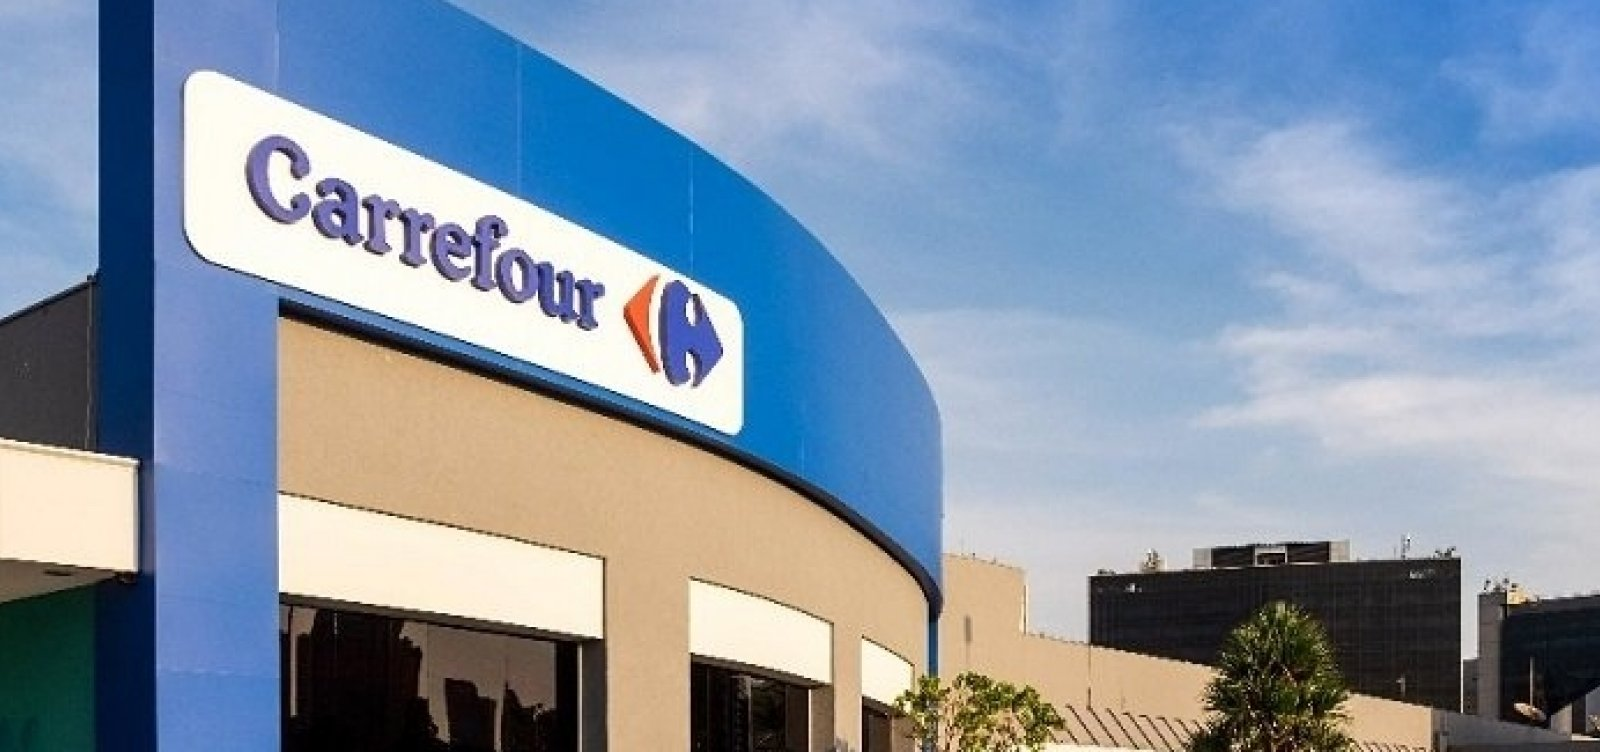 Carrefour é removido do Instituto Ethos, de responsabilidade social